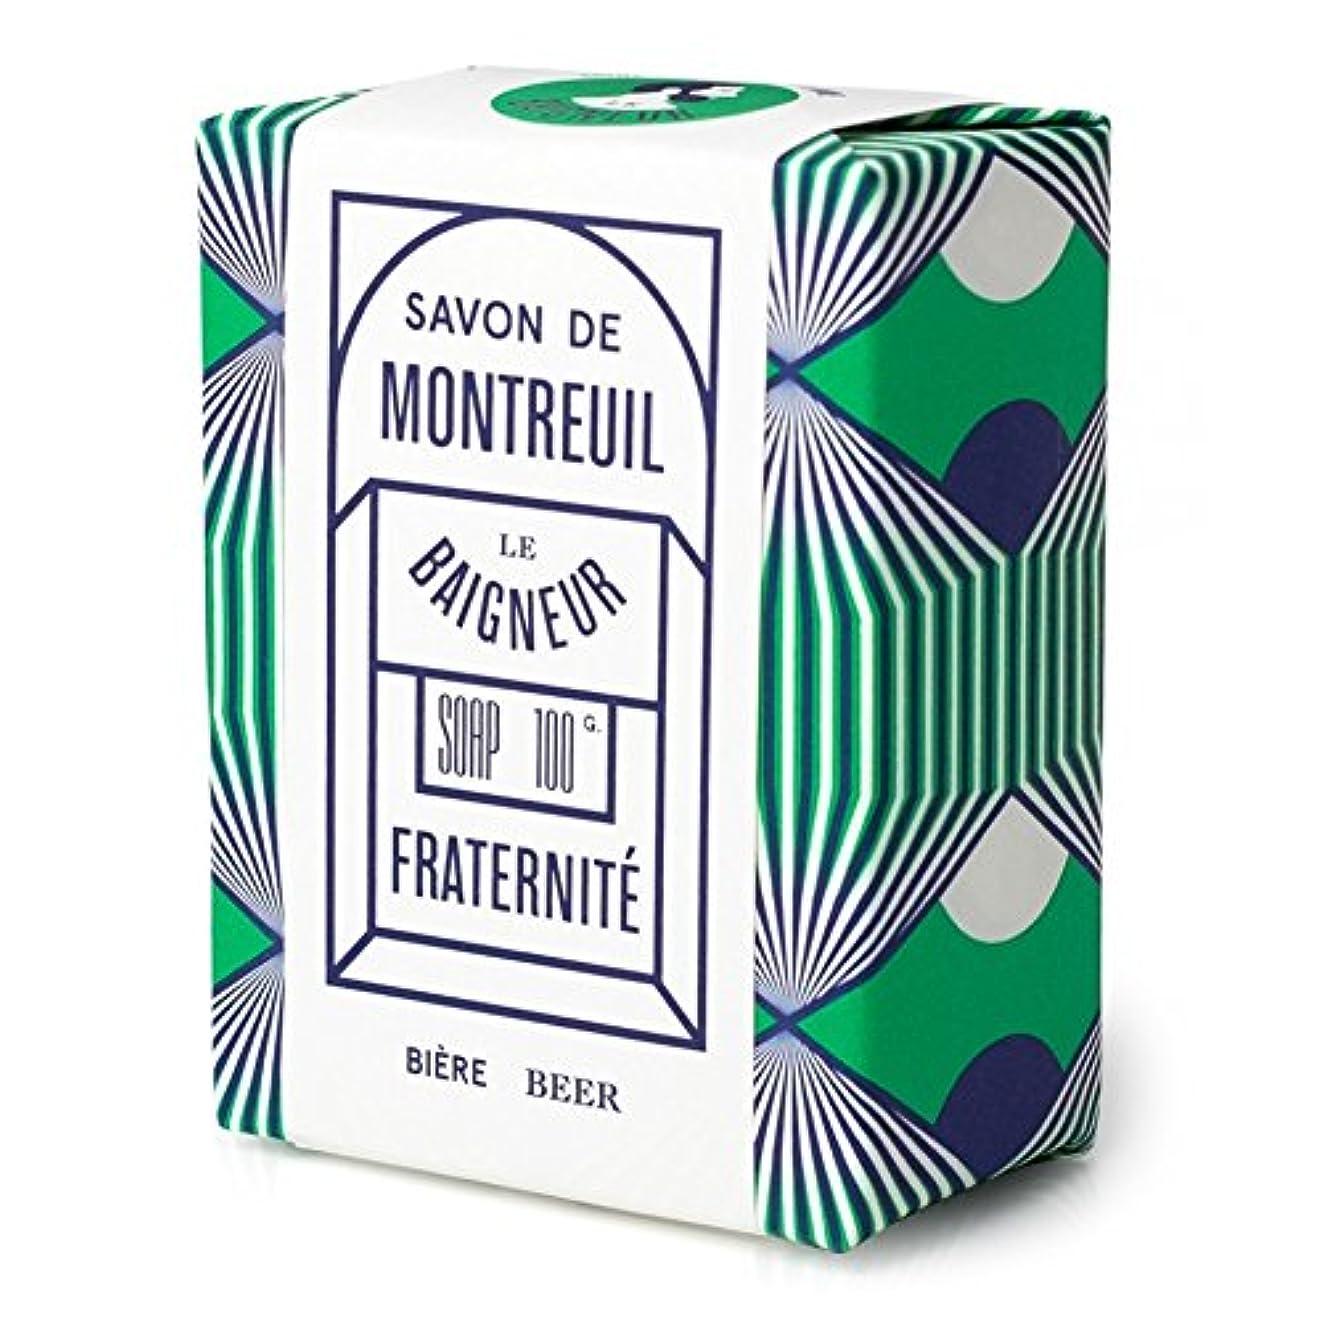 まもなく肥料スカーフル 石鹸100グラム x2 - Le Baigneur Fraternite Soap 100g (Pack of 2) [並行輸入品]